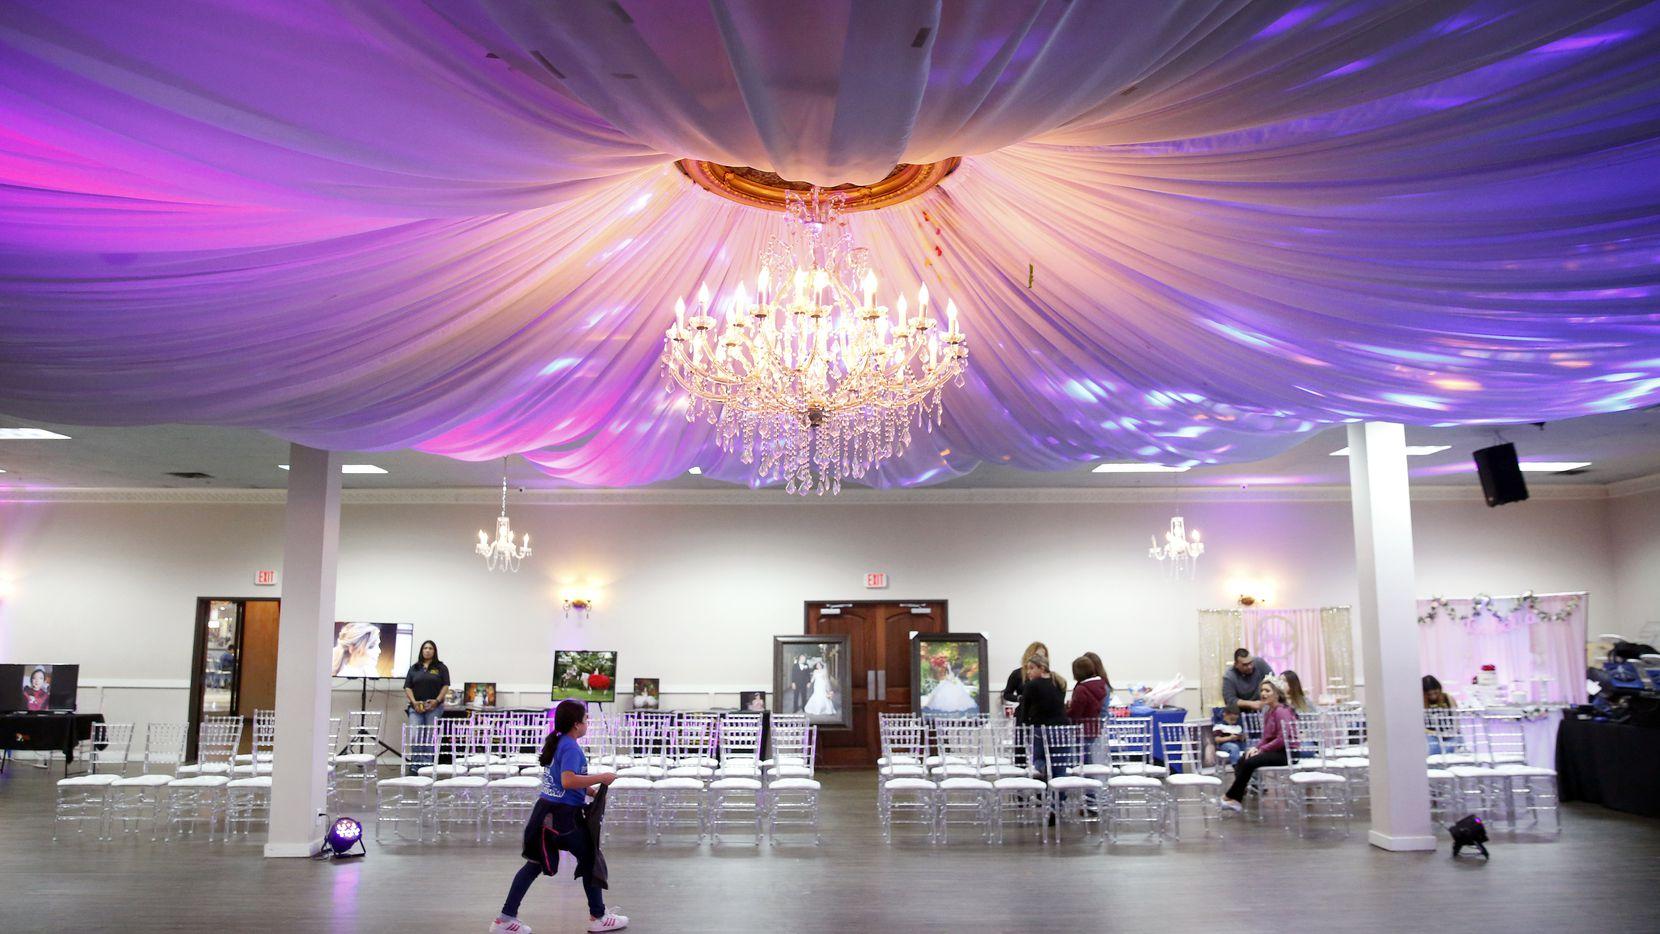 La asistencia fue baja al evento Las Lomas Quinceañera & Wedding Expo el domingo 15 de marzo en Irving Banquet Halls.